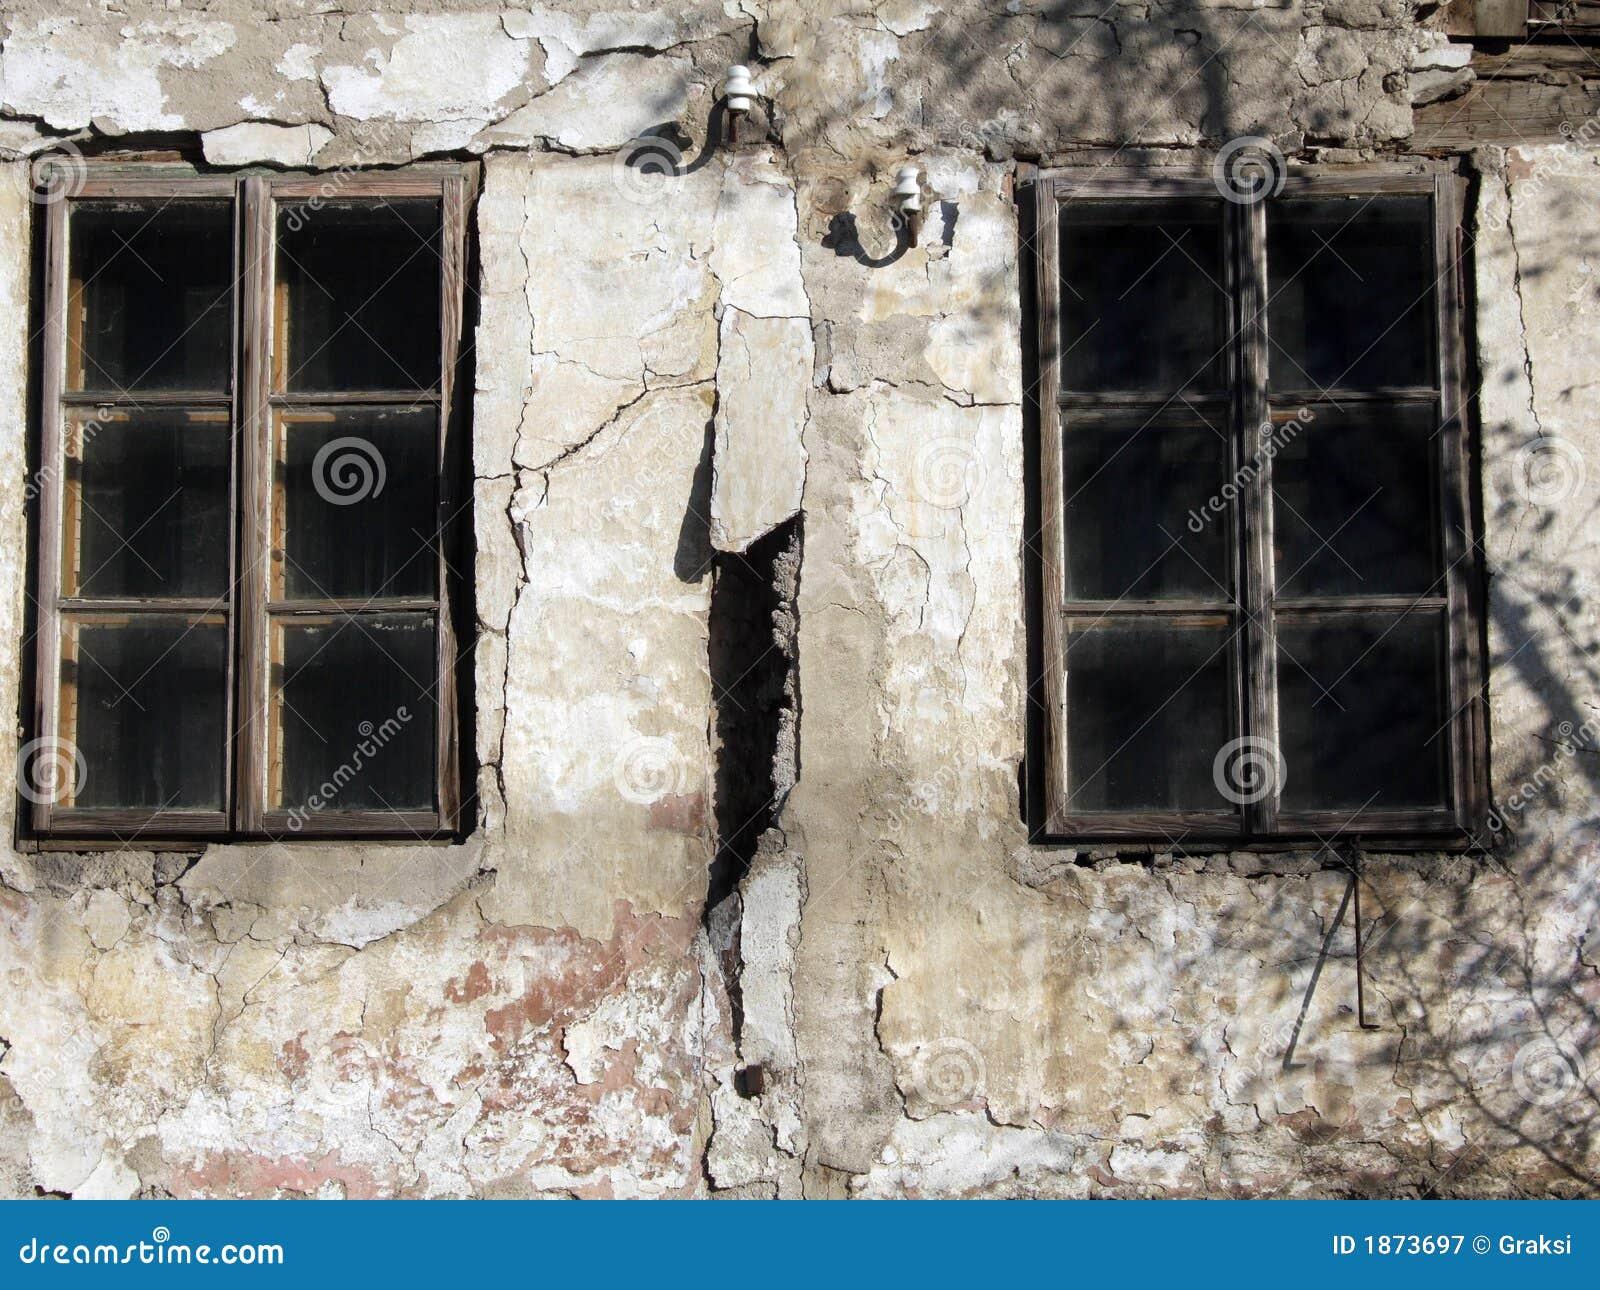 Ventanas Viejas Fotografía de archivo libre de regalías ... - photo#31